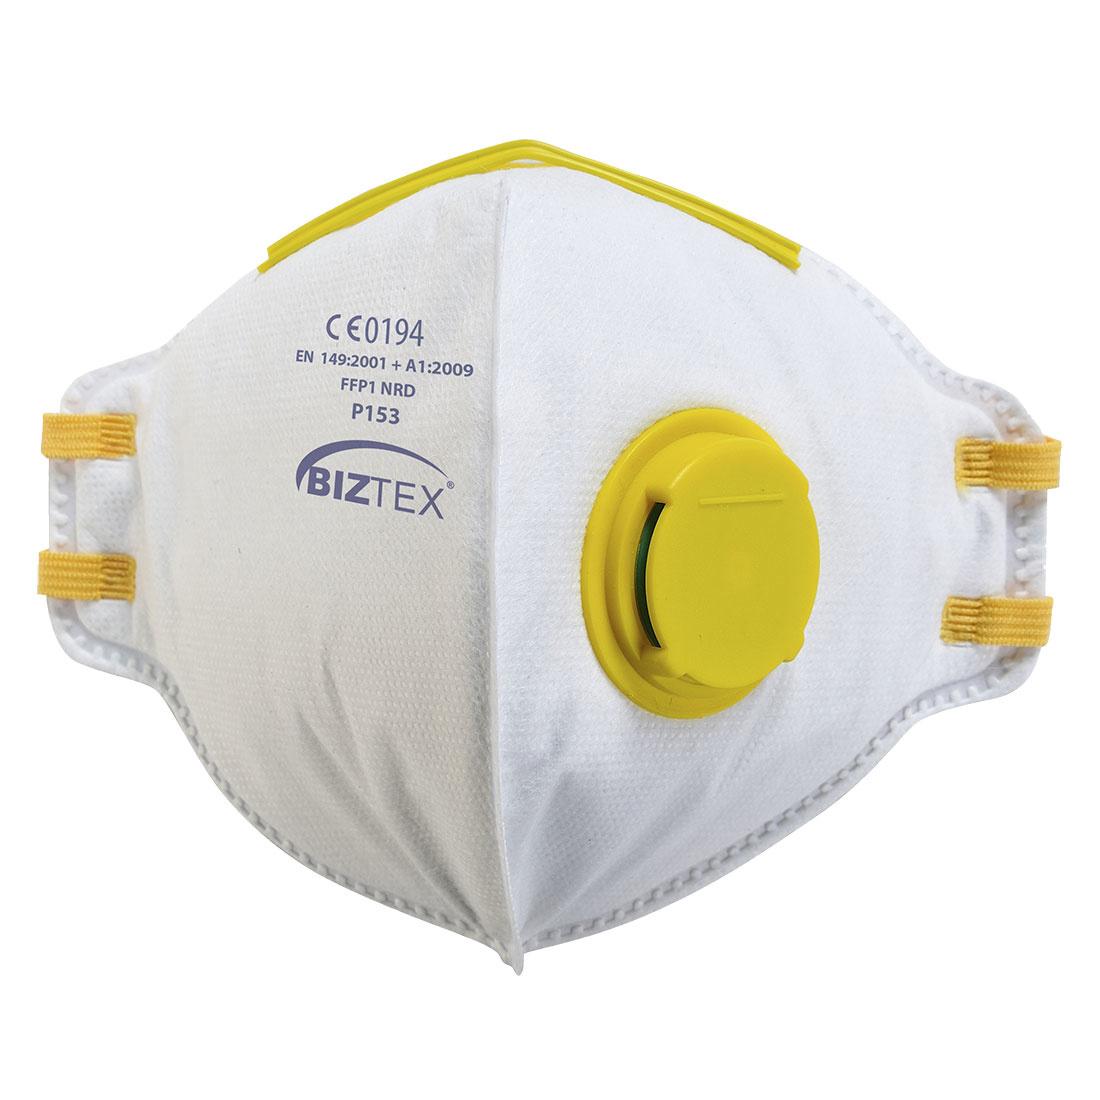 Wegwerp ademlucht maskers